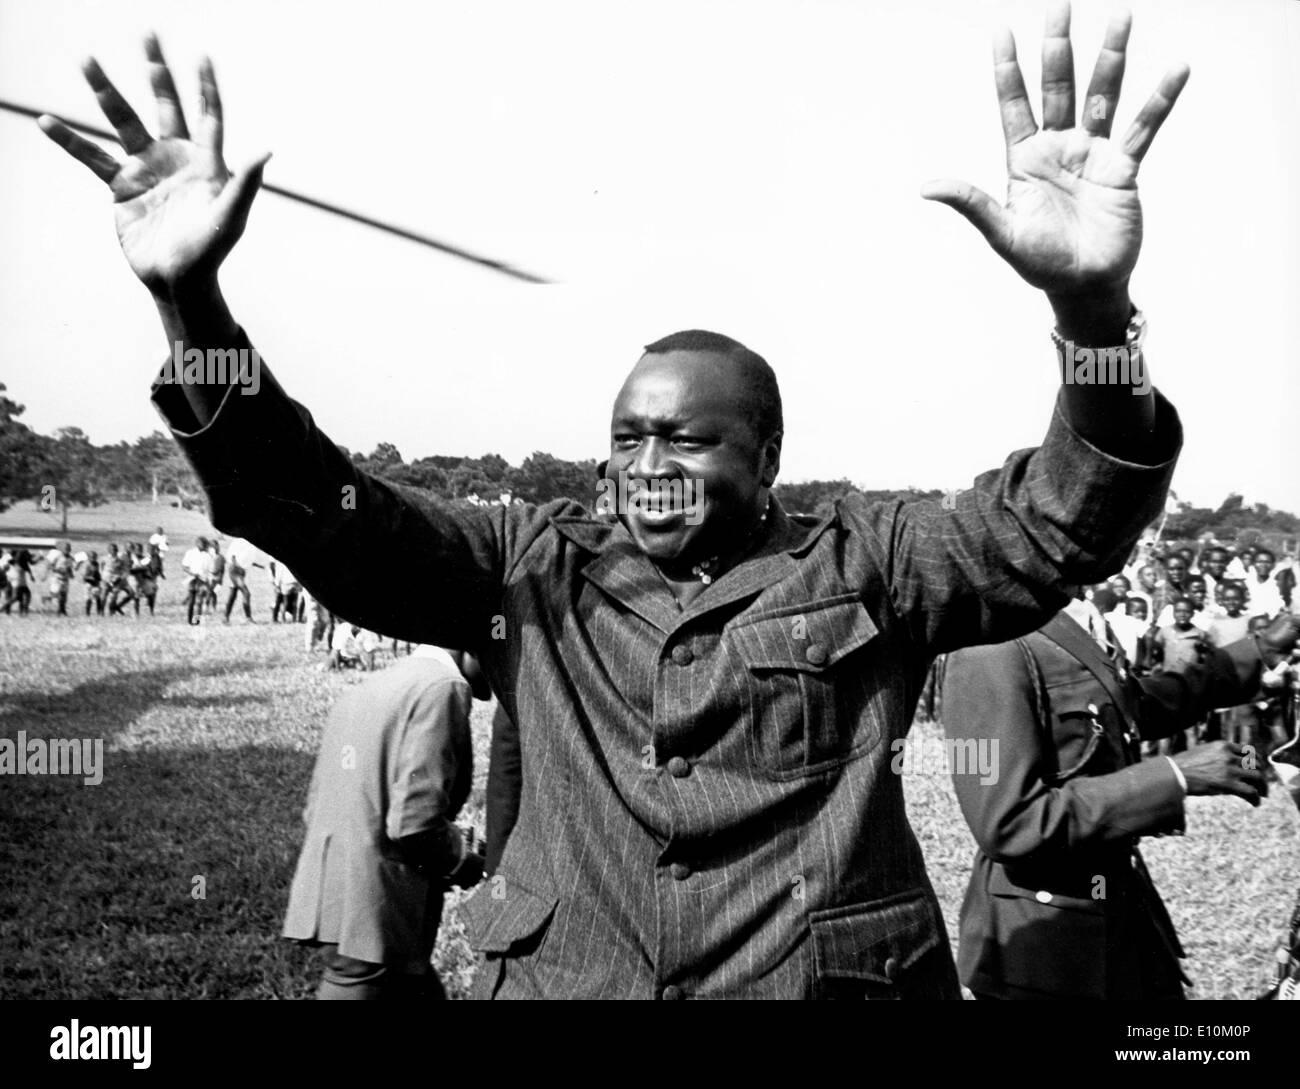 AL-HAJJ Le Maréchal IDI Amin Dada, président de la république de l'Ouganda. Photo Stock